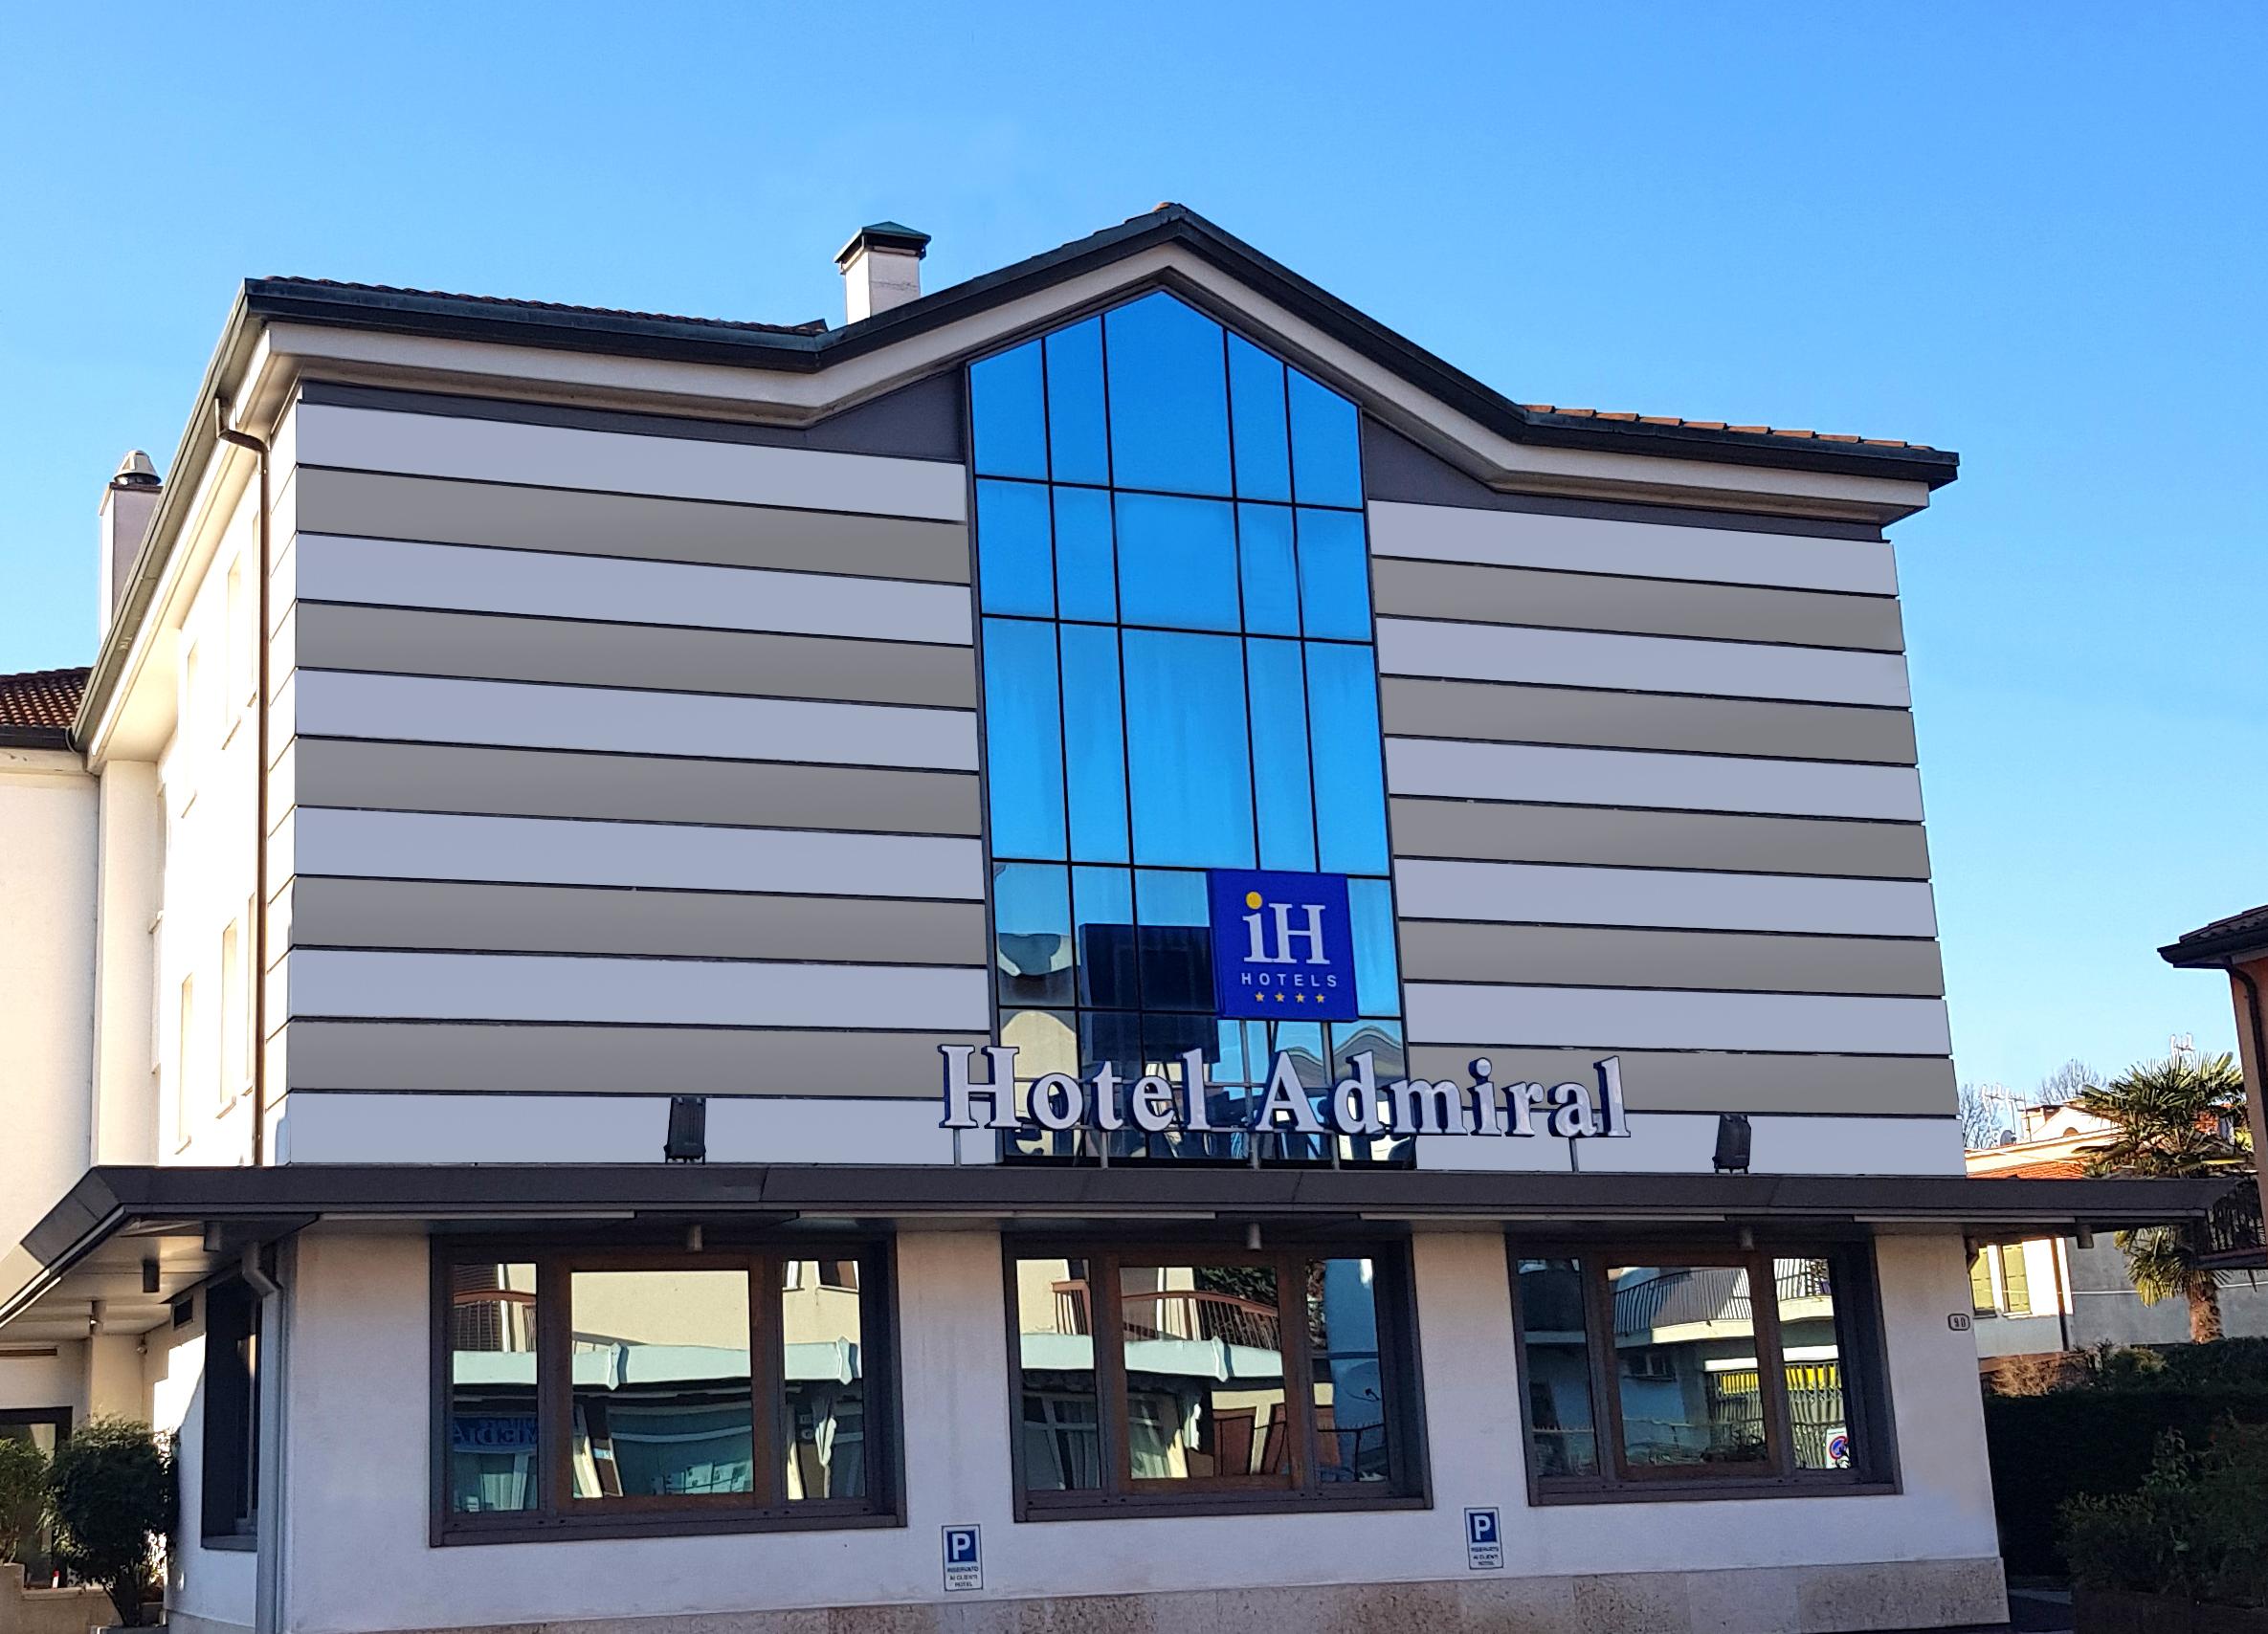 iH Hotels Admiral - External